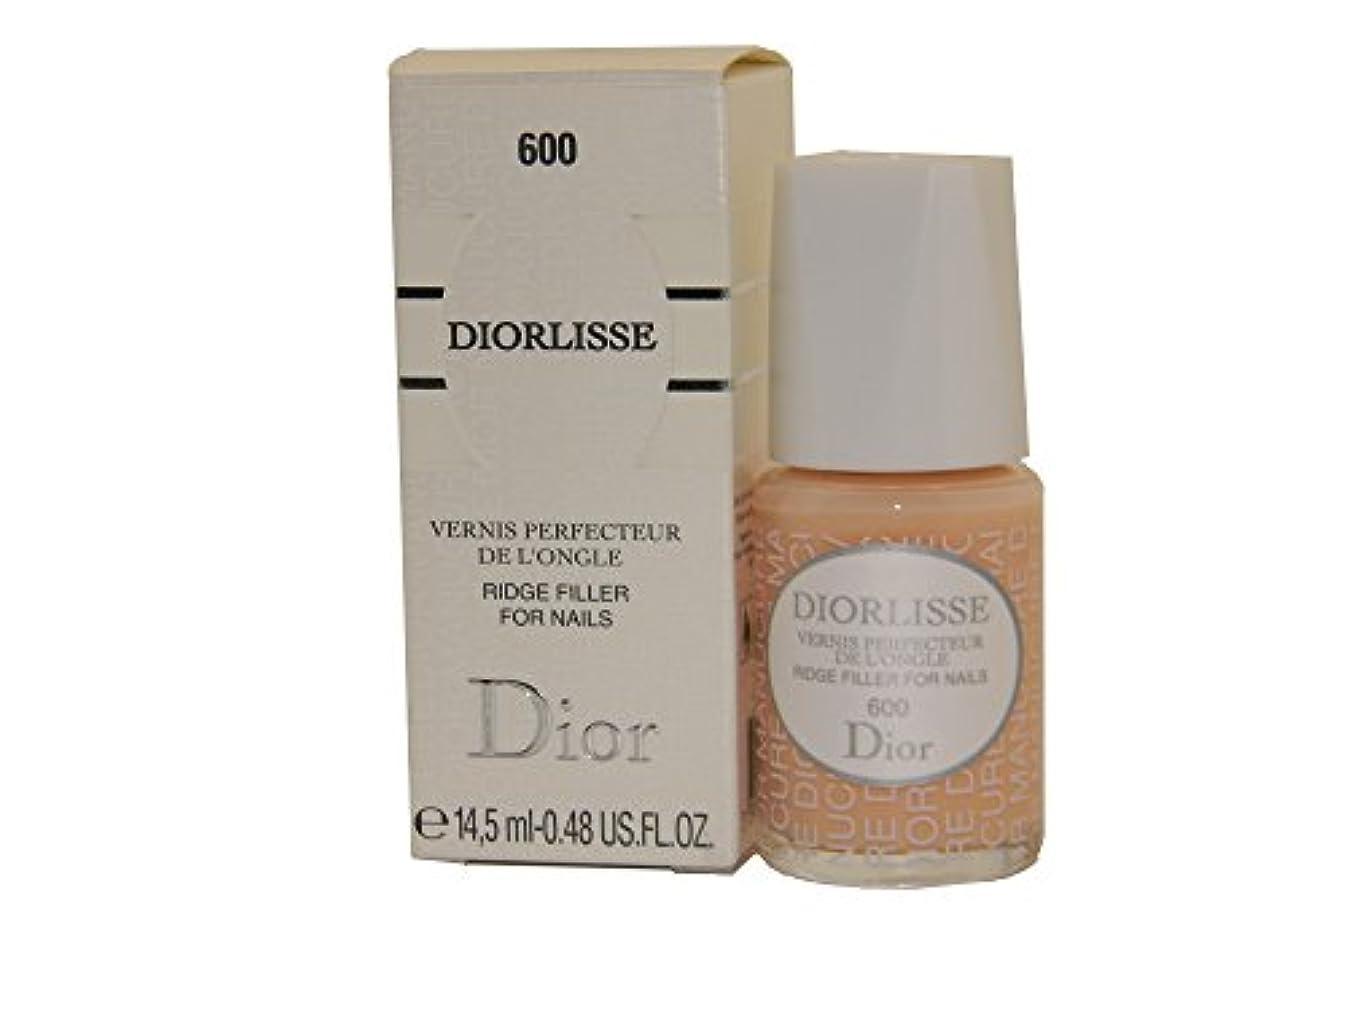 仮定するレトルト感情Dior Diorlisse Ridge Filler For Nail 600(ディオールリス リッジフィラー フォーネイル 600)[海外直送品] [並行輸入品]